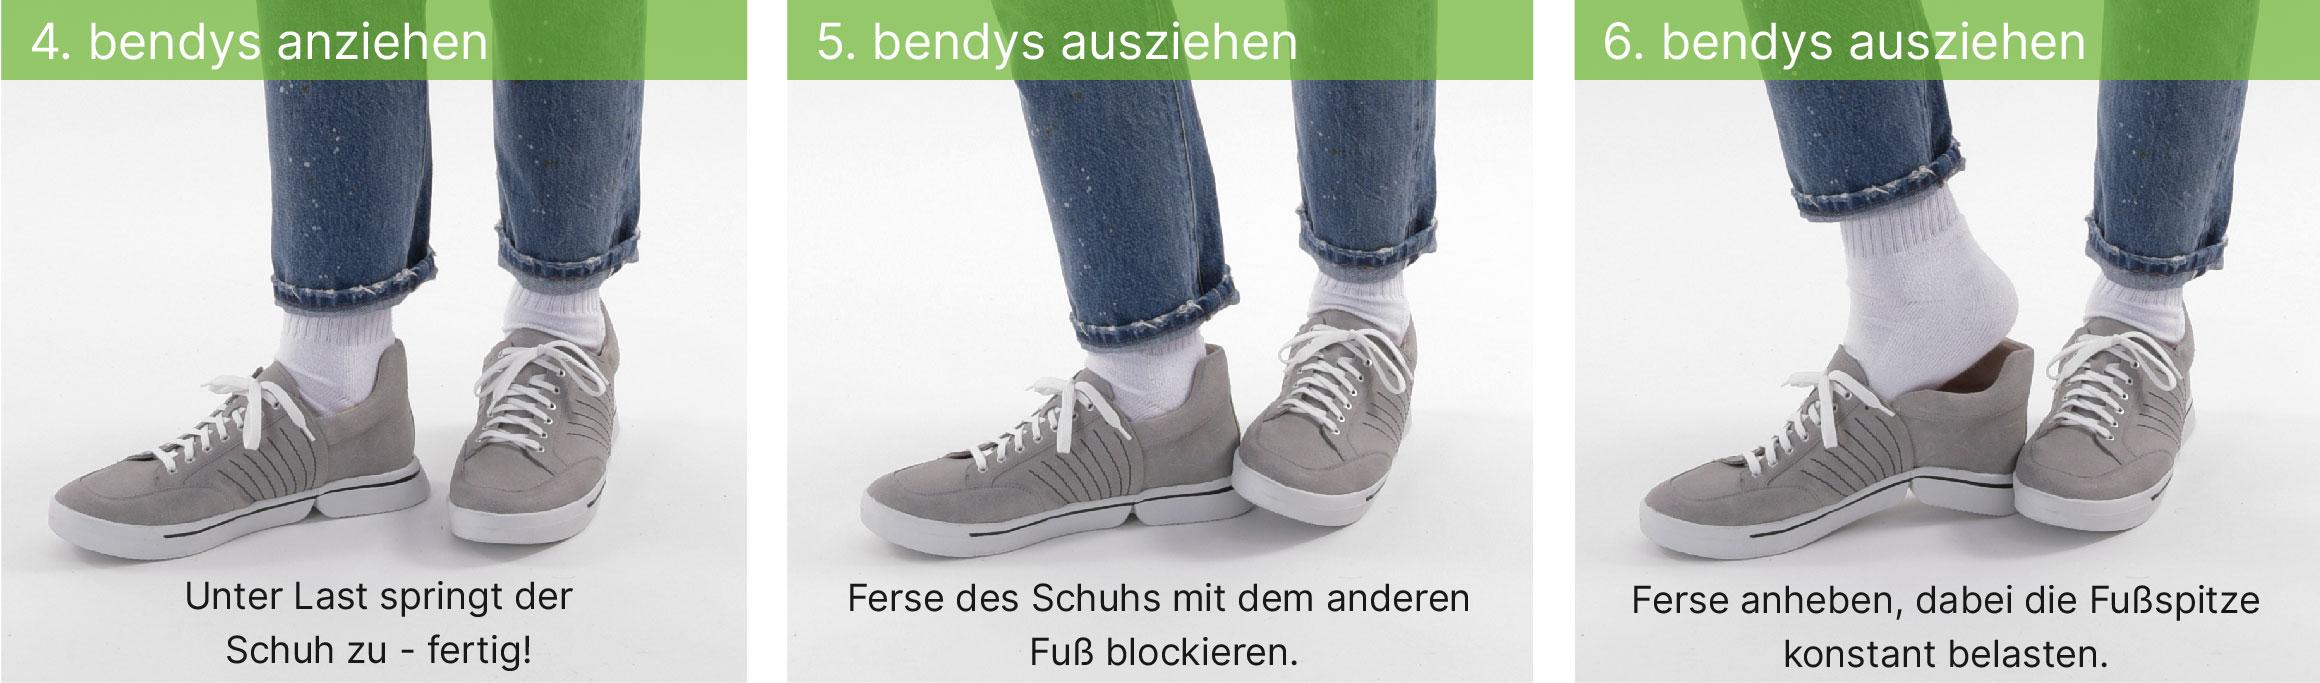 Anleitung-bendys-02